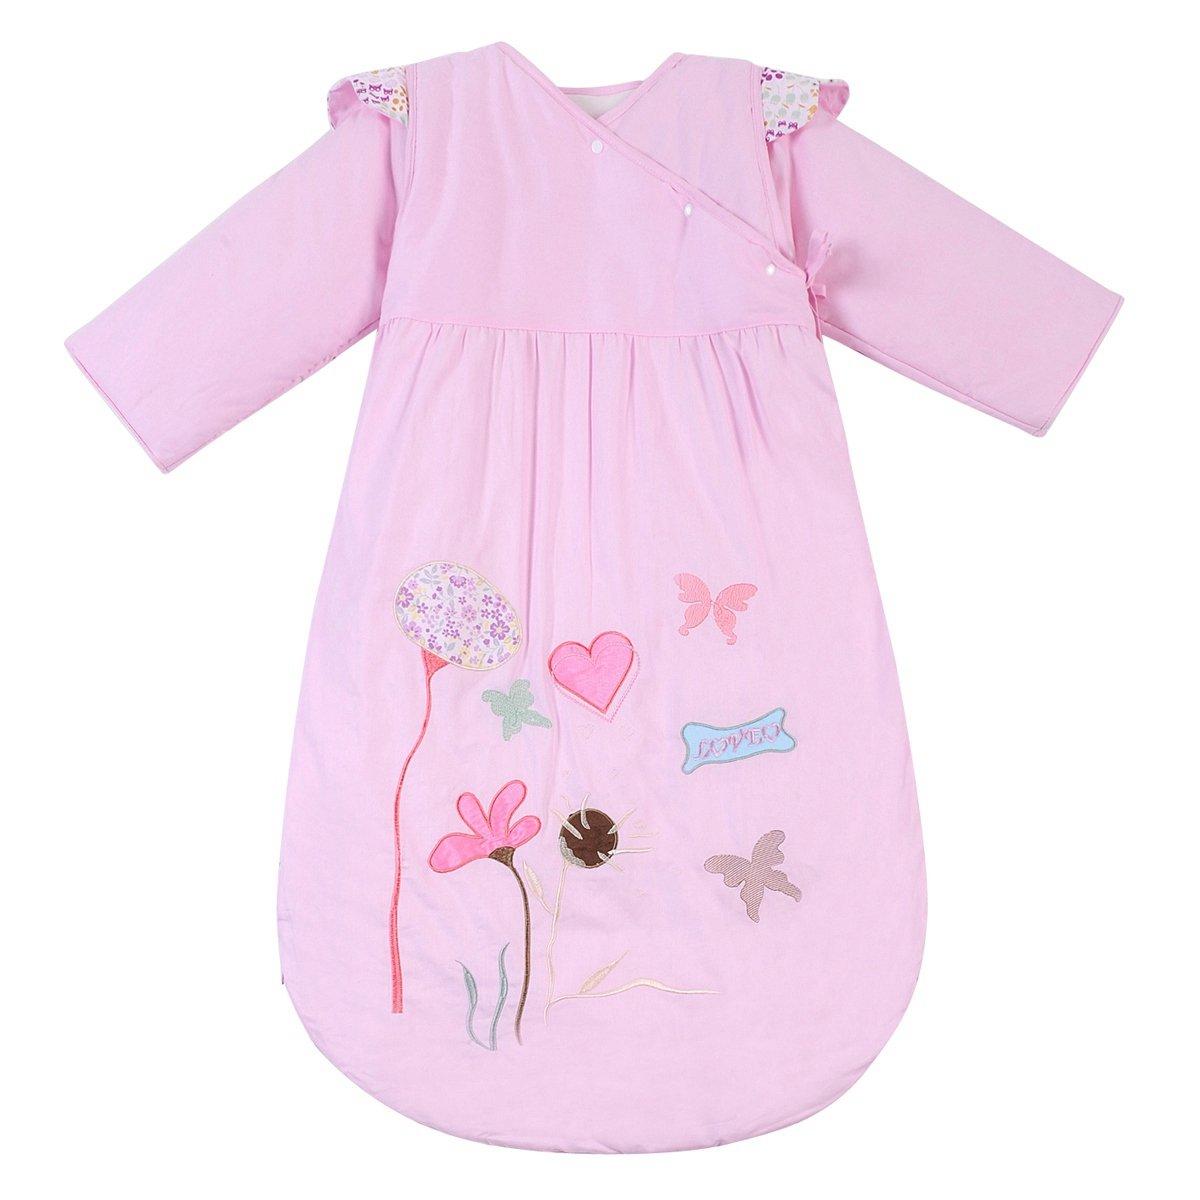 Happy Cherry – Saco de Bebés Niños de Dormir Larga Manga Manta de Algodón – Flor de Loto – Rosa – 90cm, 6 meses – 2 años(Grueso)